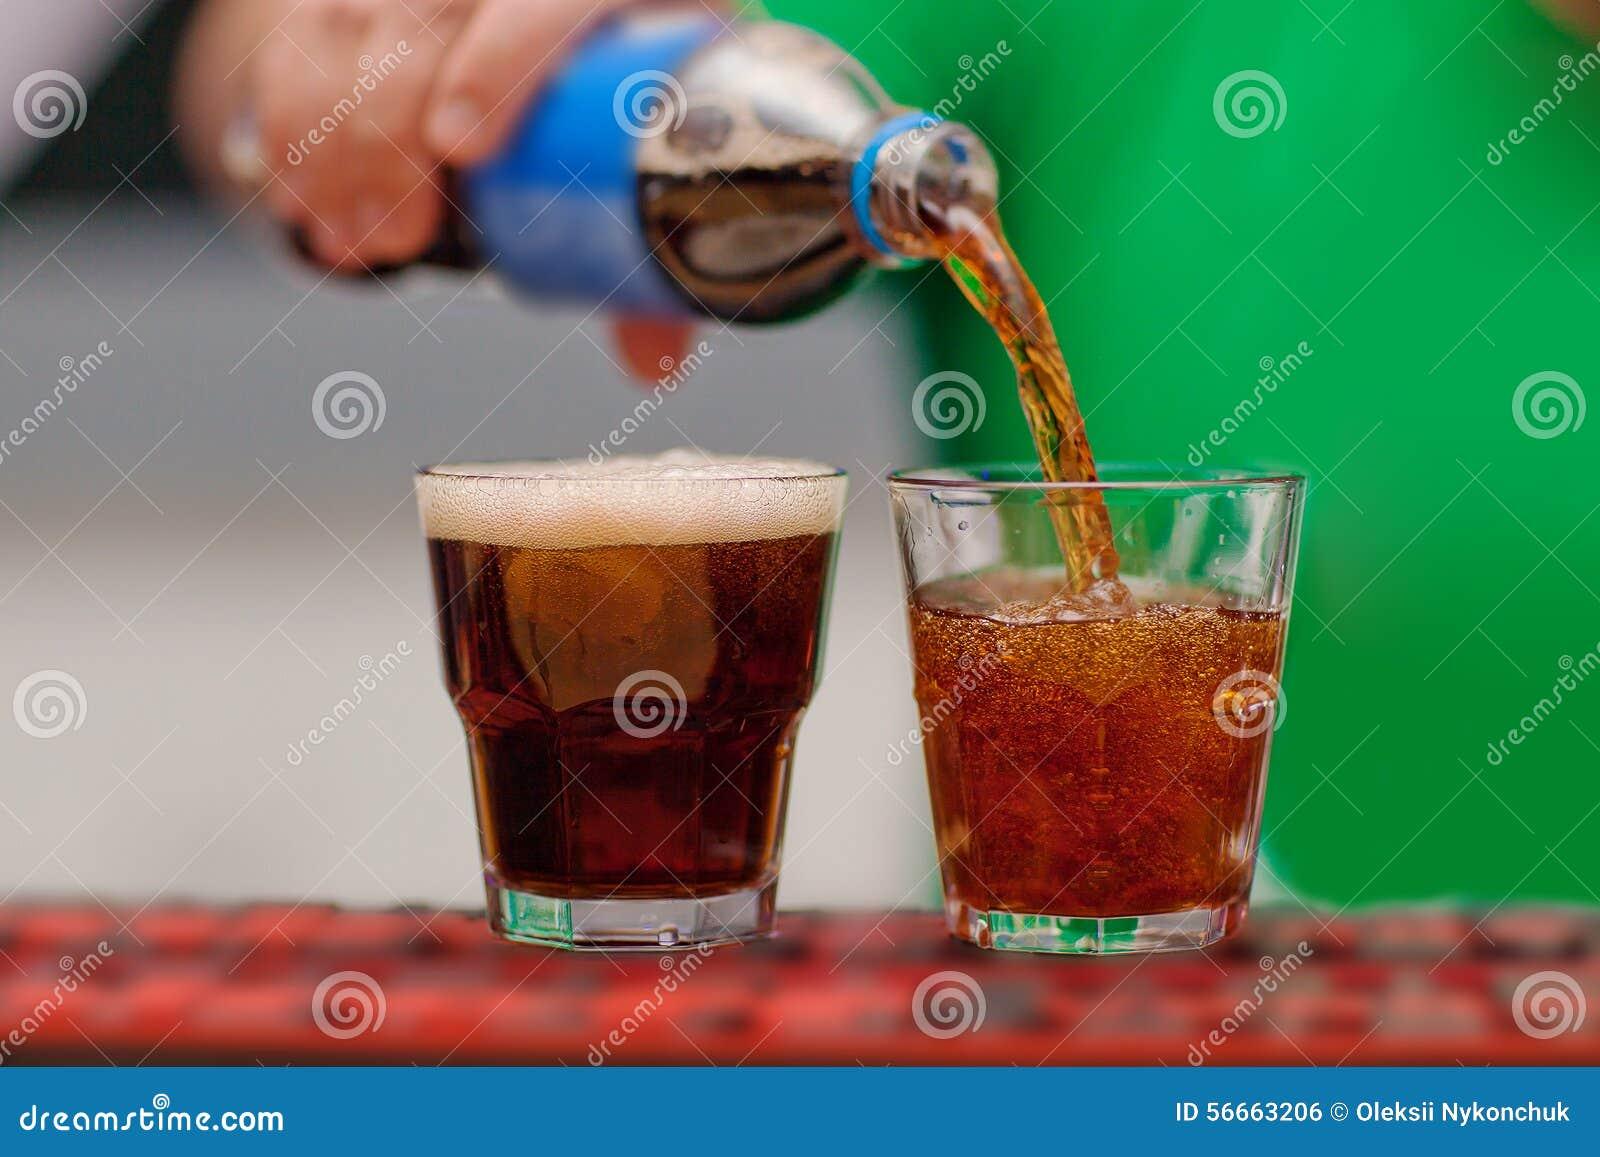 碳酸化合的饮料涌入了玻璃